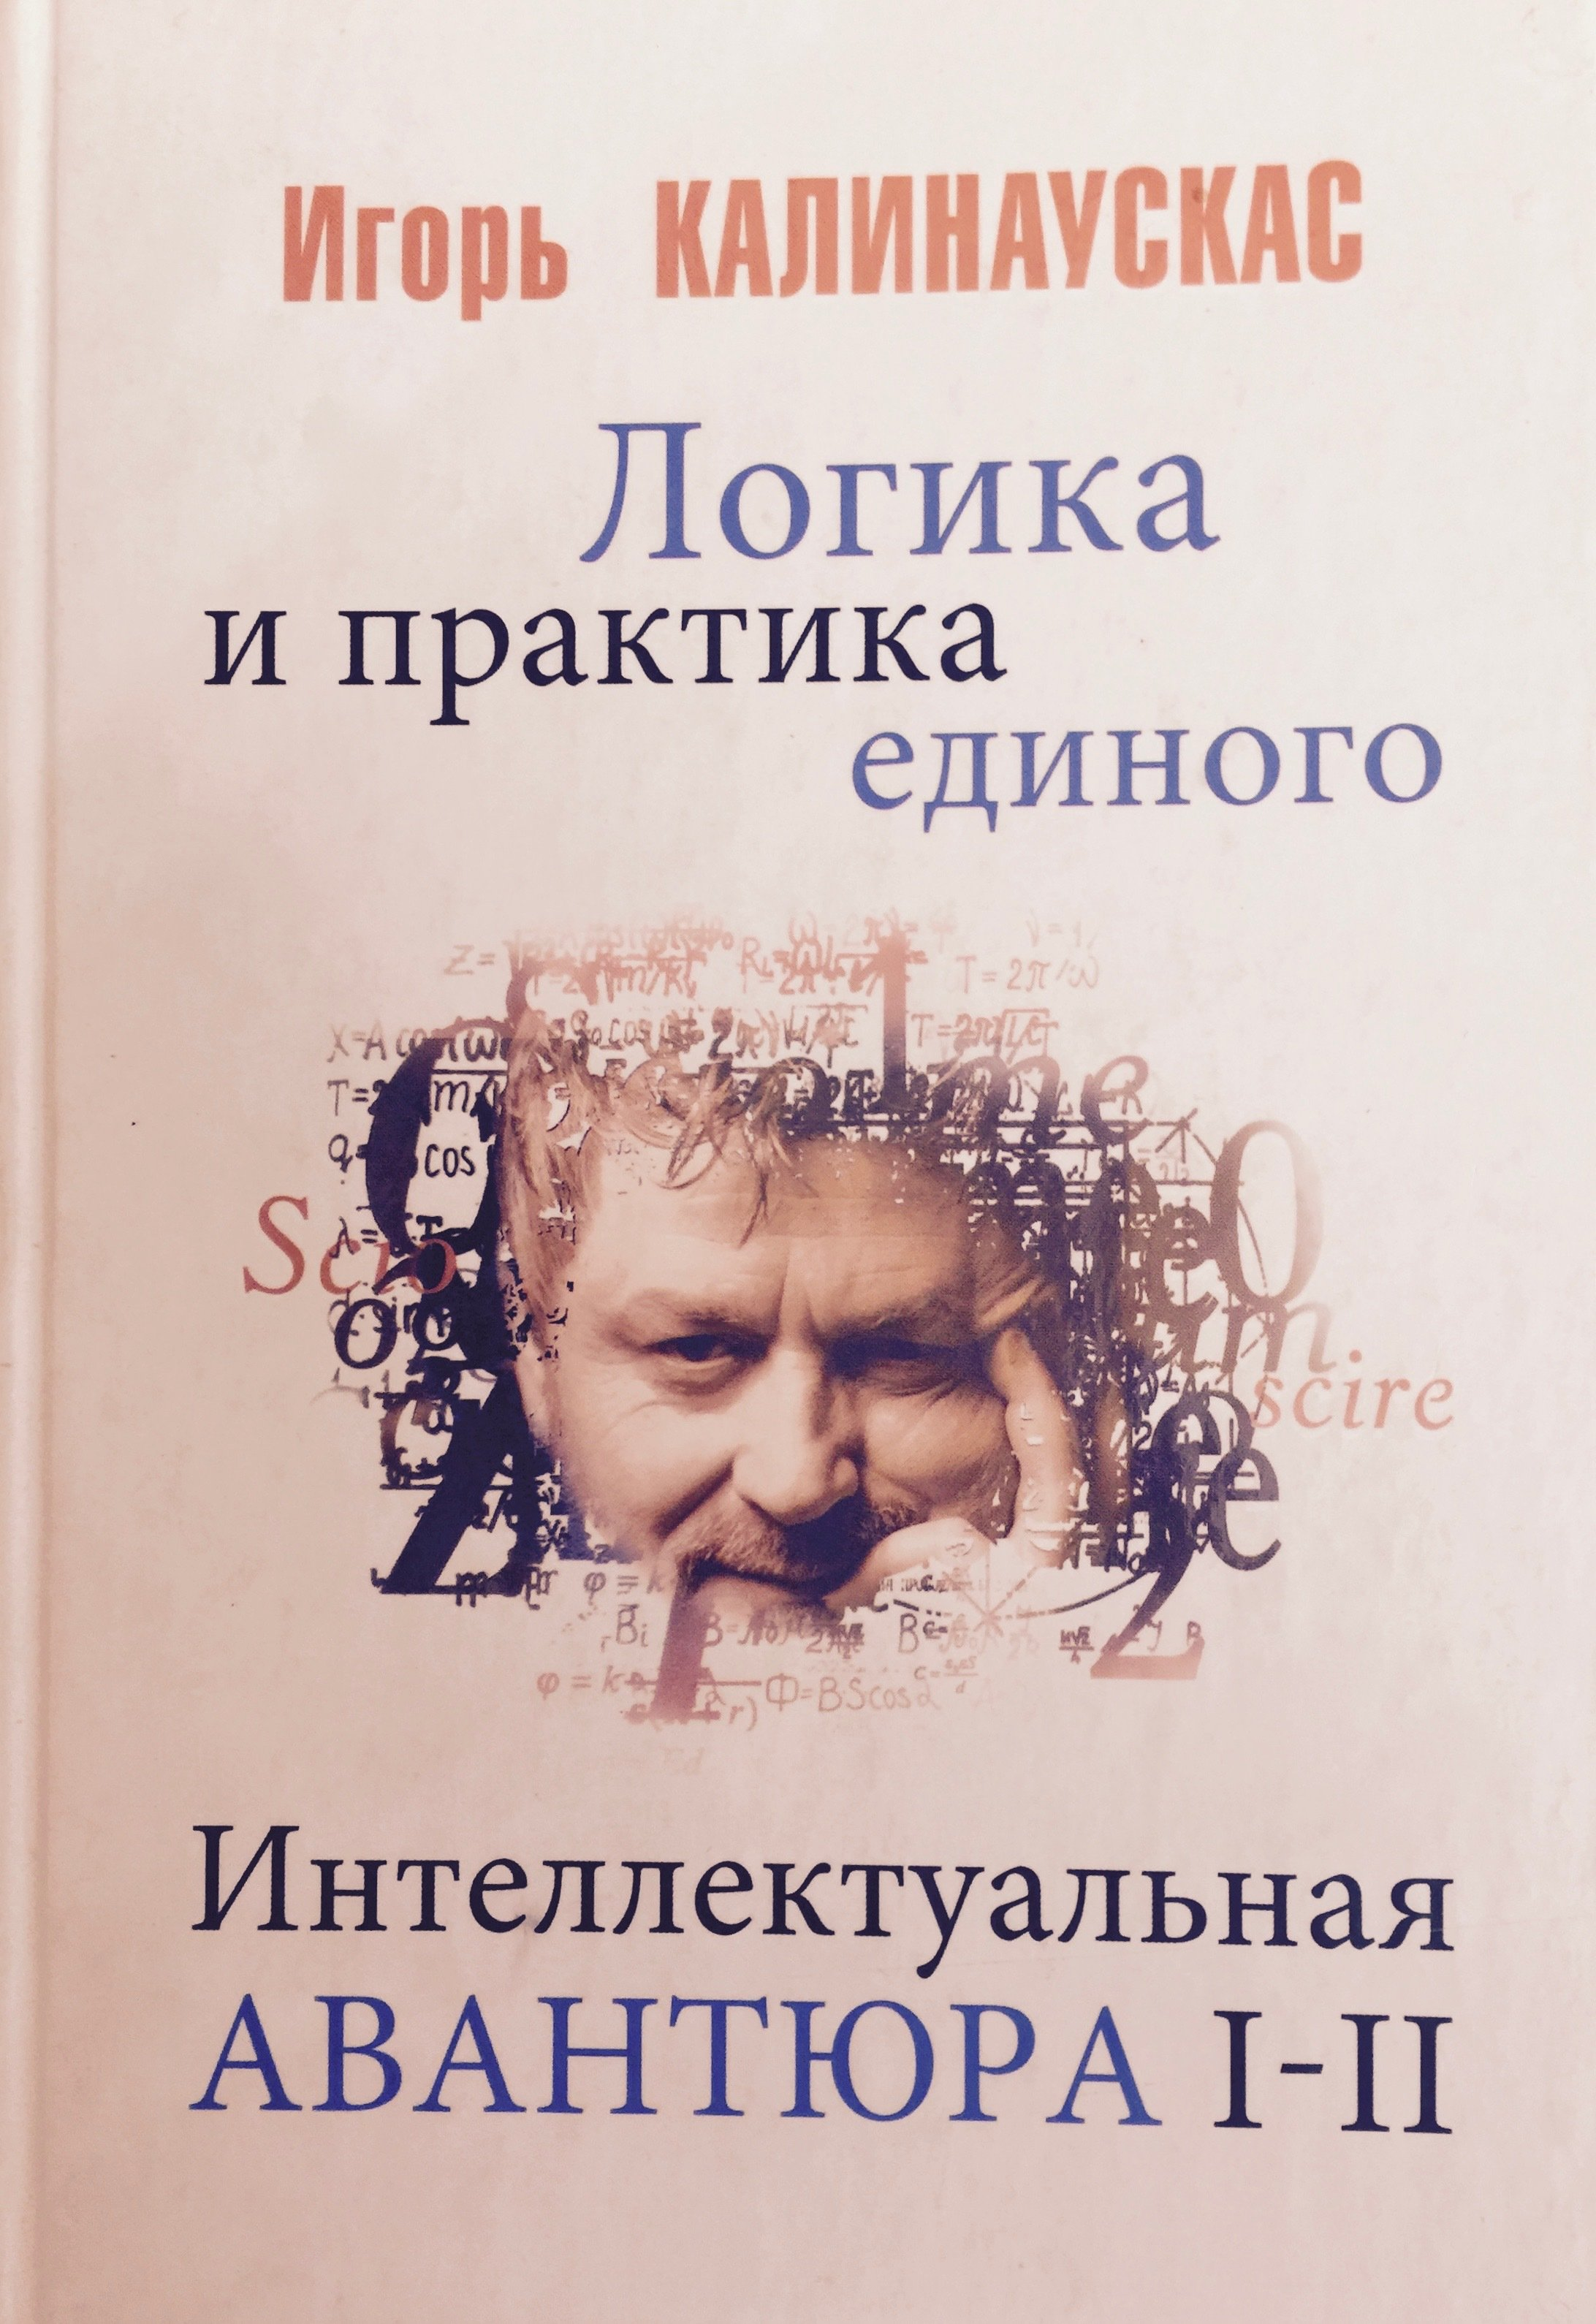 """Книга Игоря Калинаускаса """"Интеллектуальная авантюра. Логика и практика единого"""" 00004"""